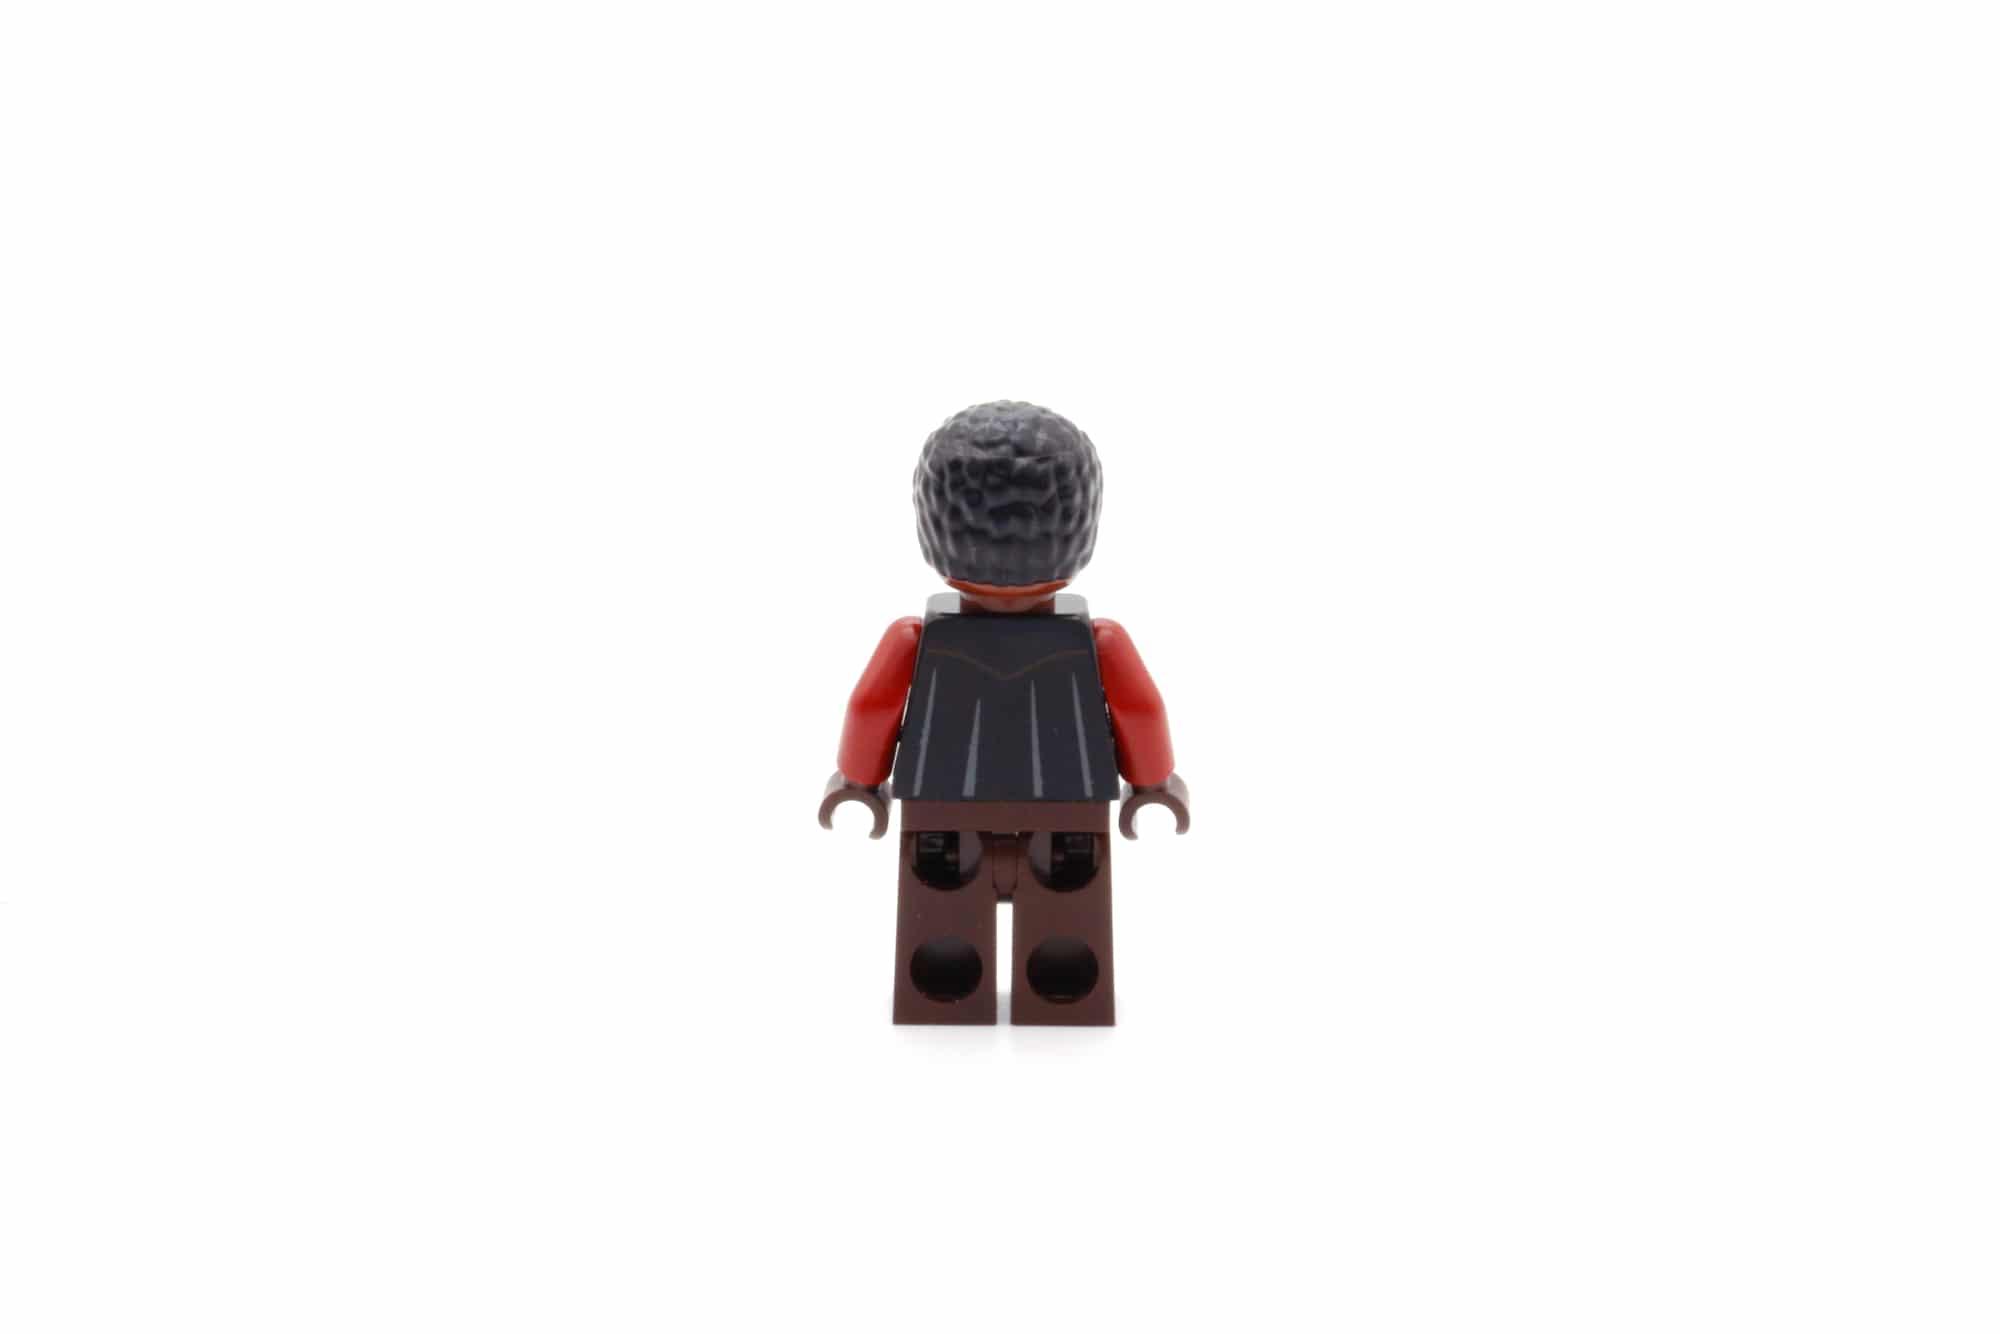 LEGO Star Wars 75311 Imperial Marauder Greef Karga Back